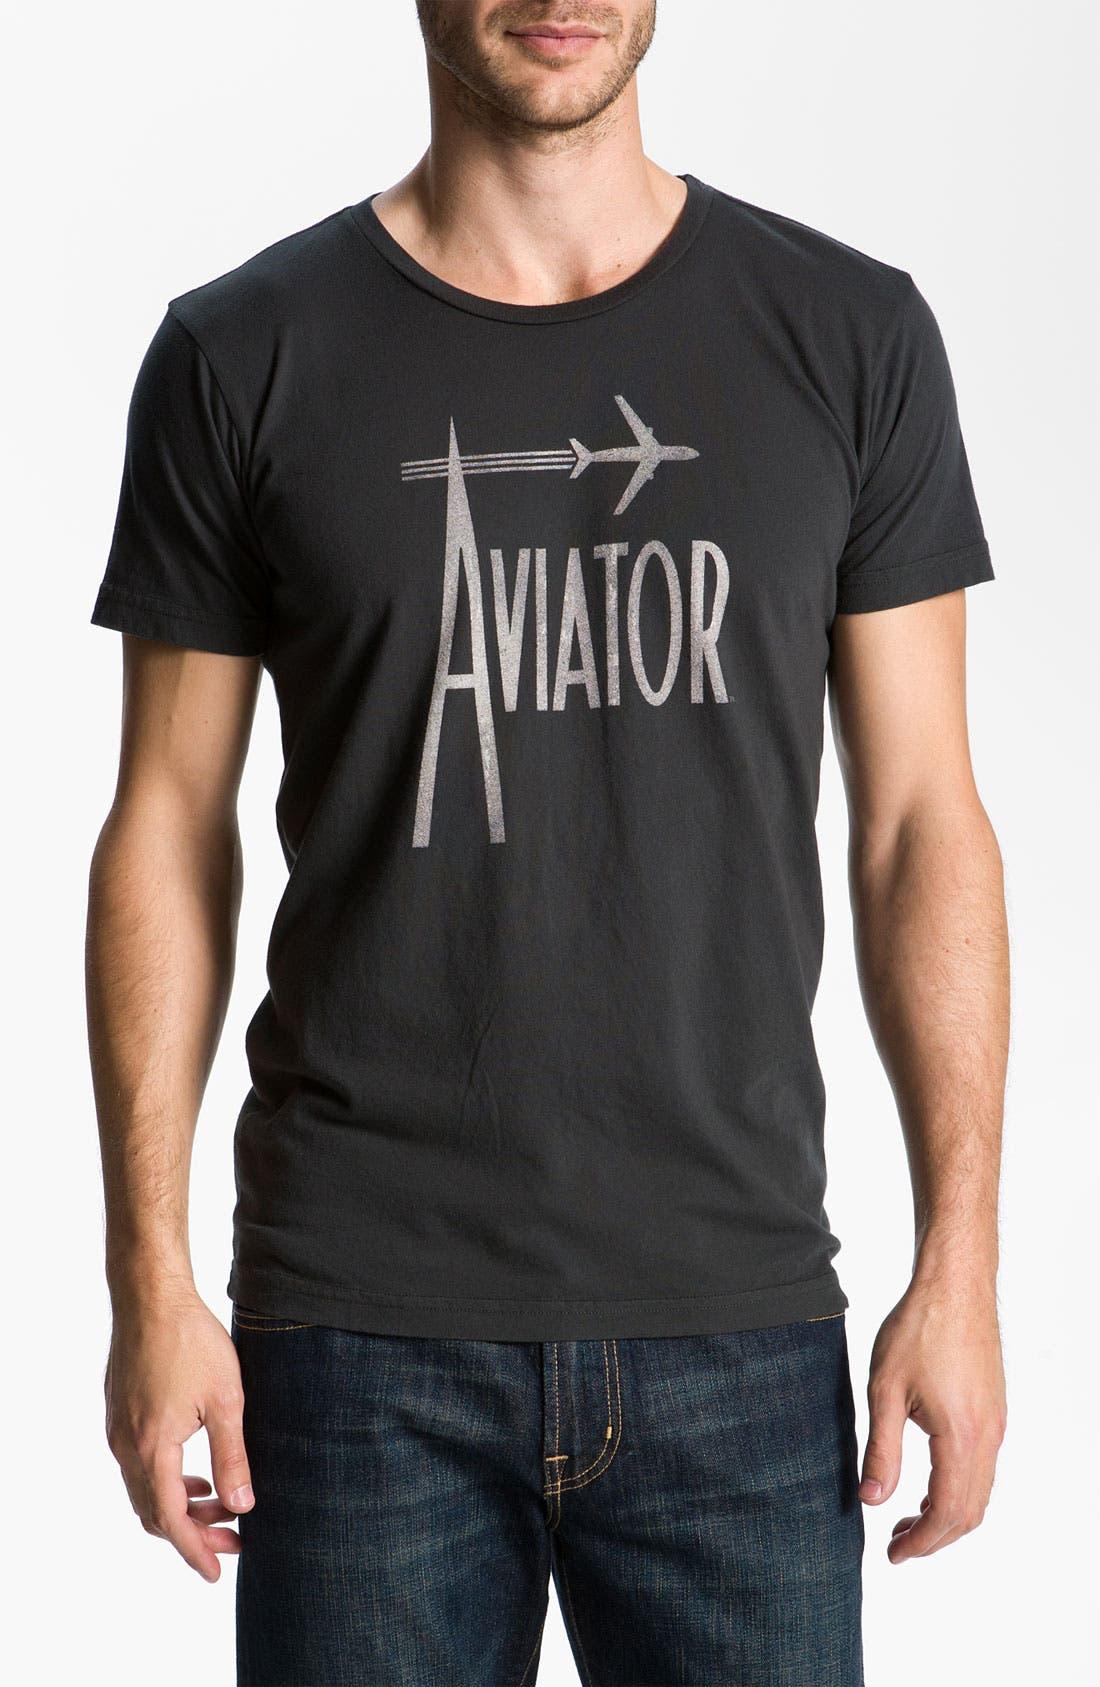 Main Image - Jacks & Jokers  'Aviator' T-Shirt